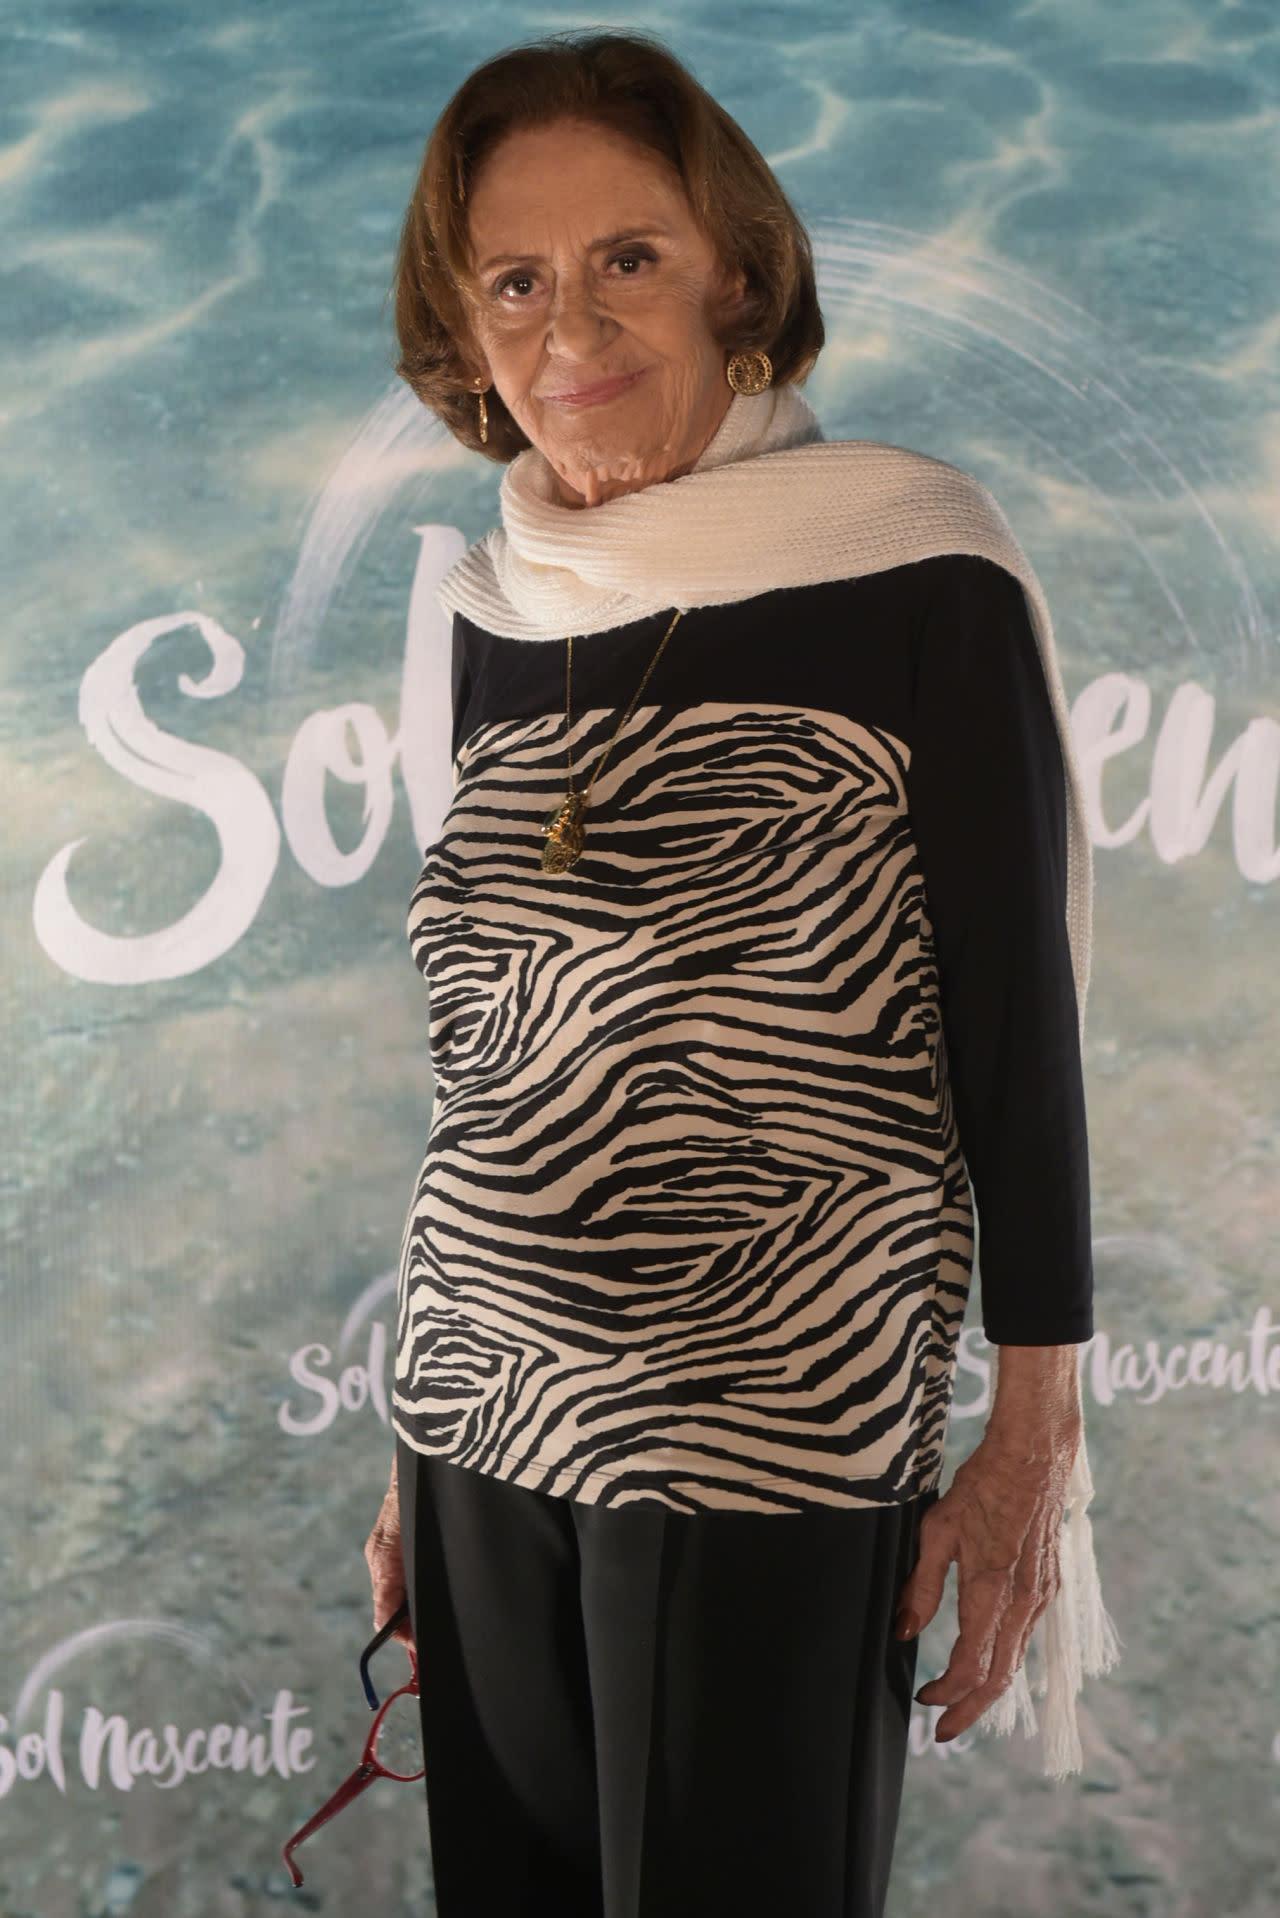 Laura Cardoso completa 89 anos! Relembre seus principais trabalhos na TV